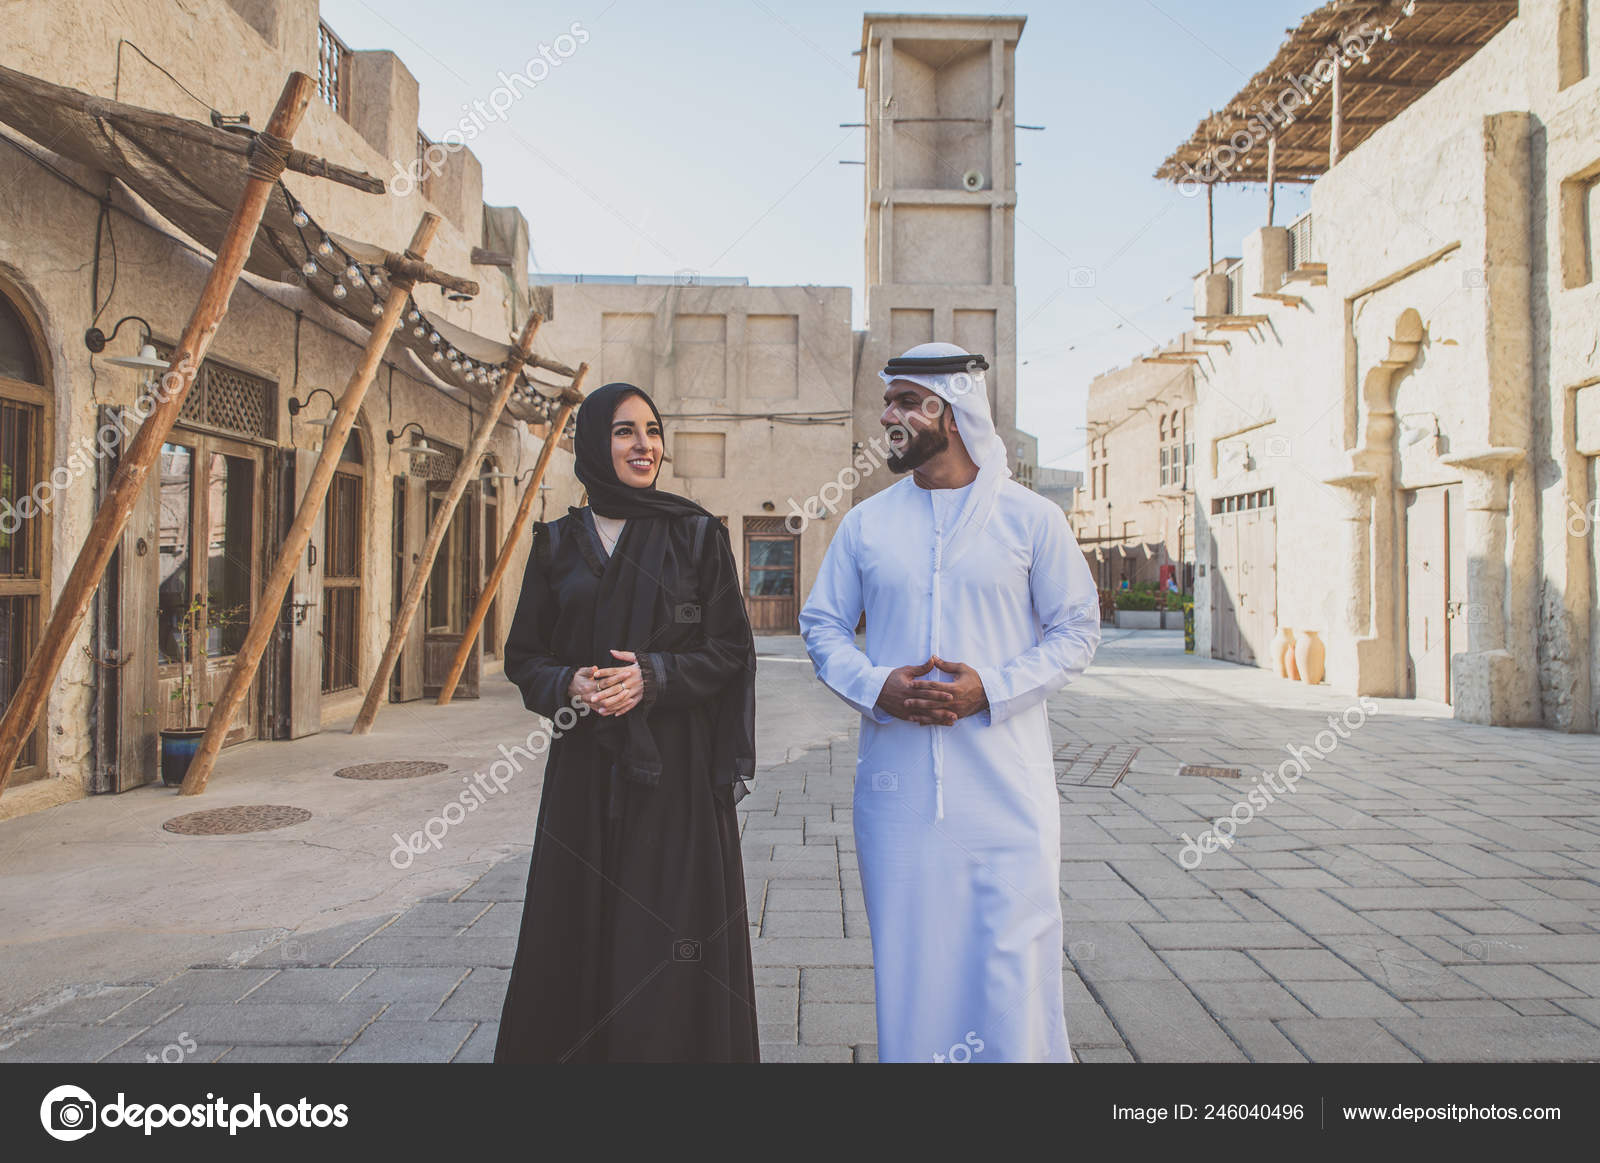 seznamka v Kataru negativy datující staršího muže